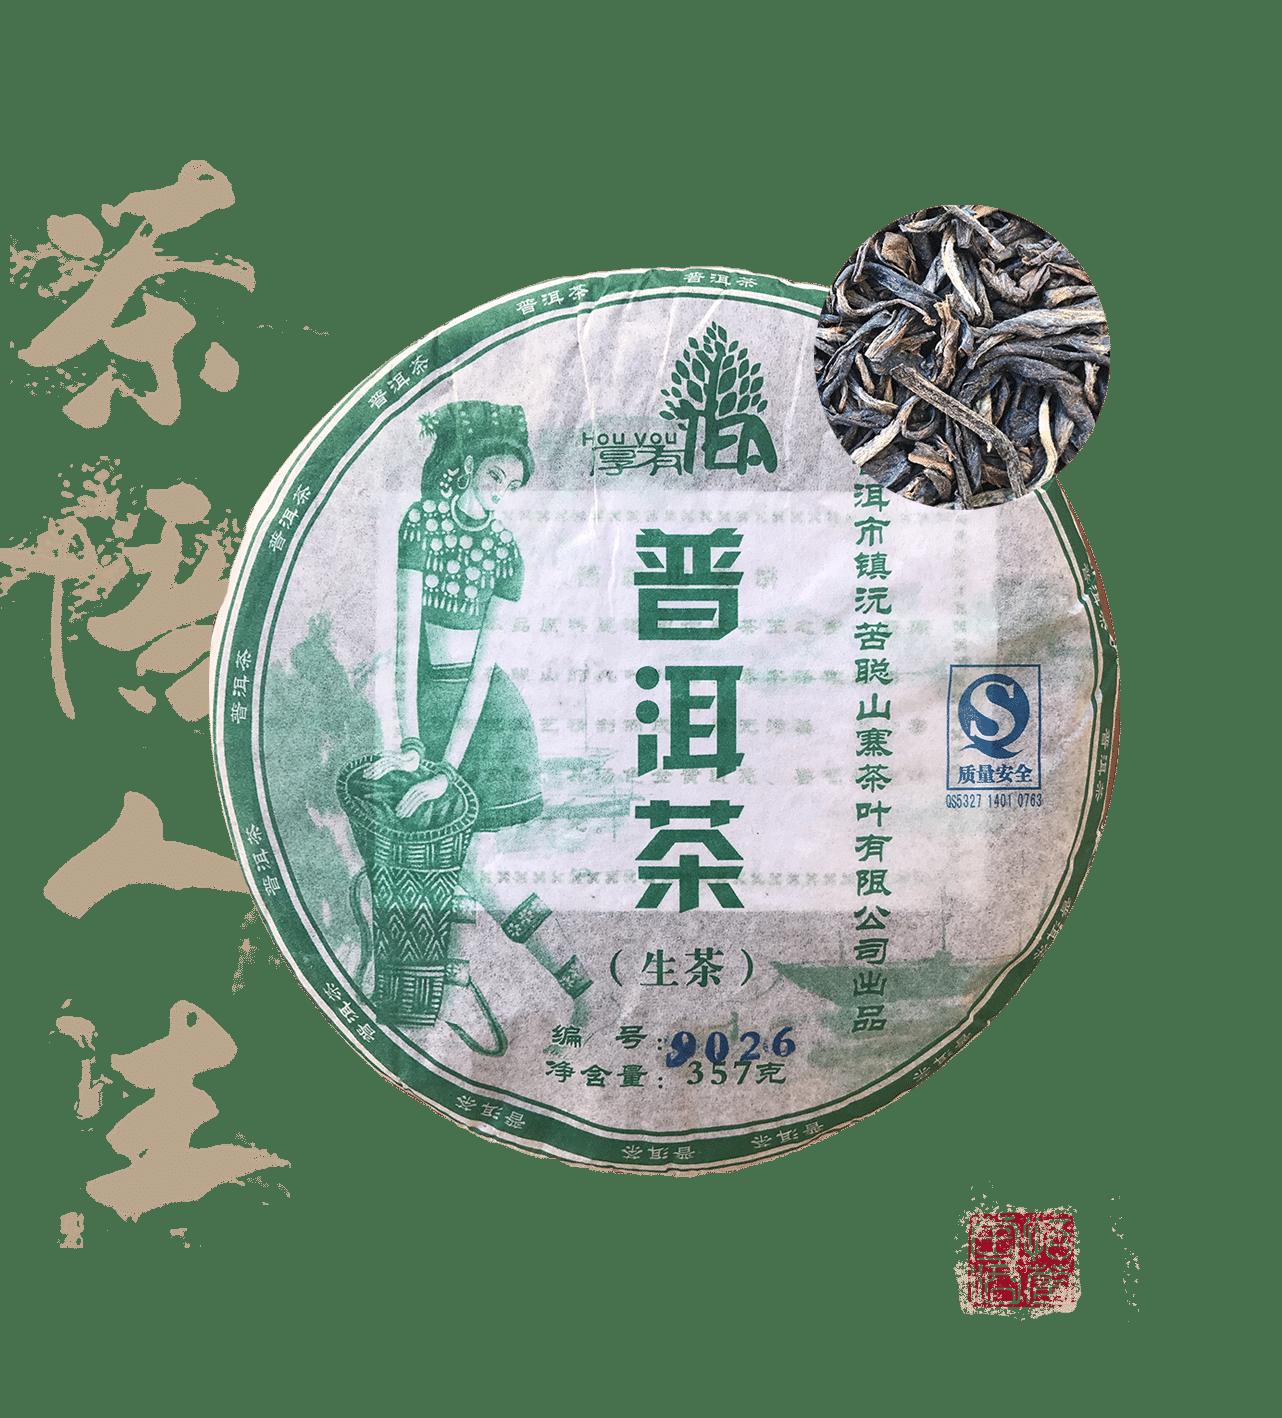 Hou you tea 9026 is a sheng pu erh from yunnan